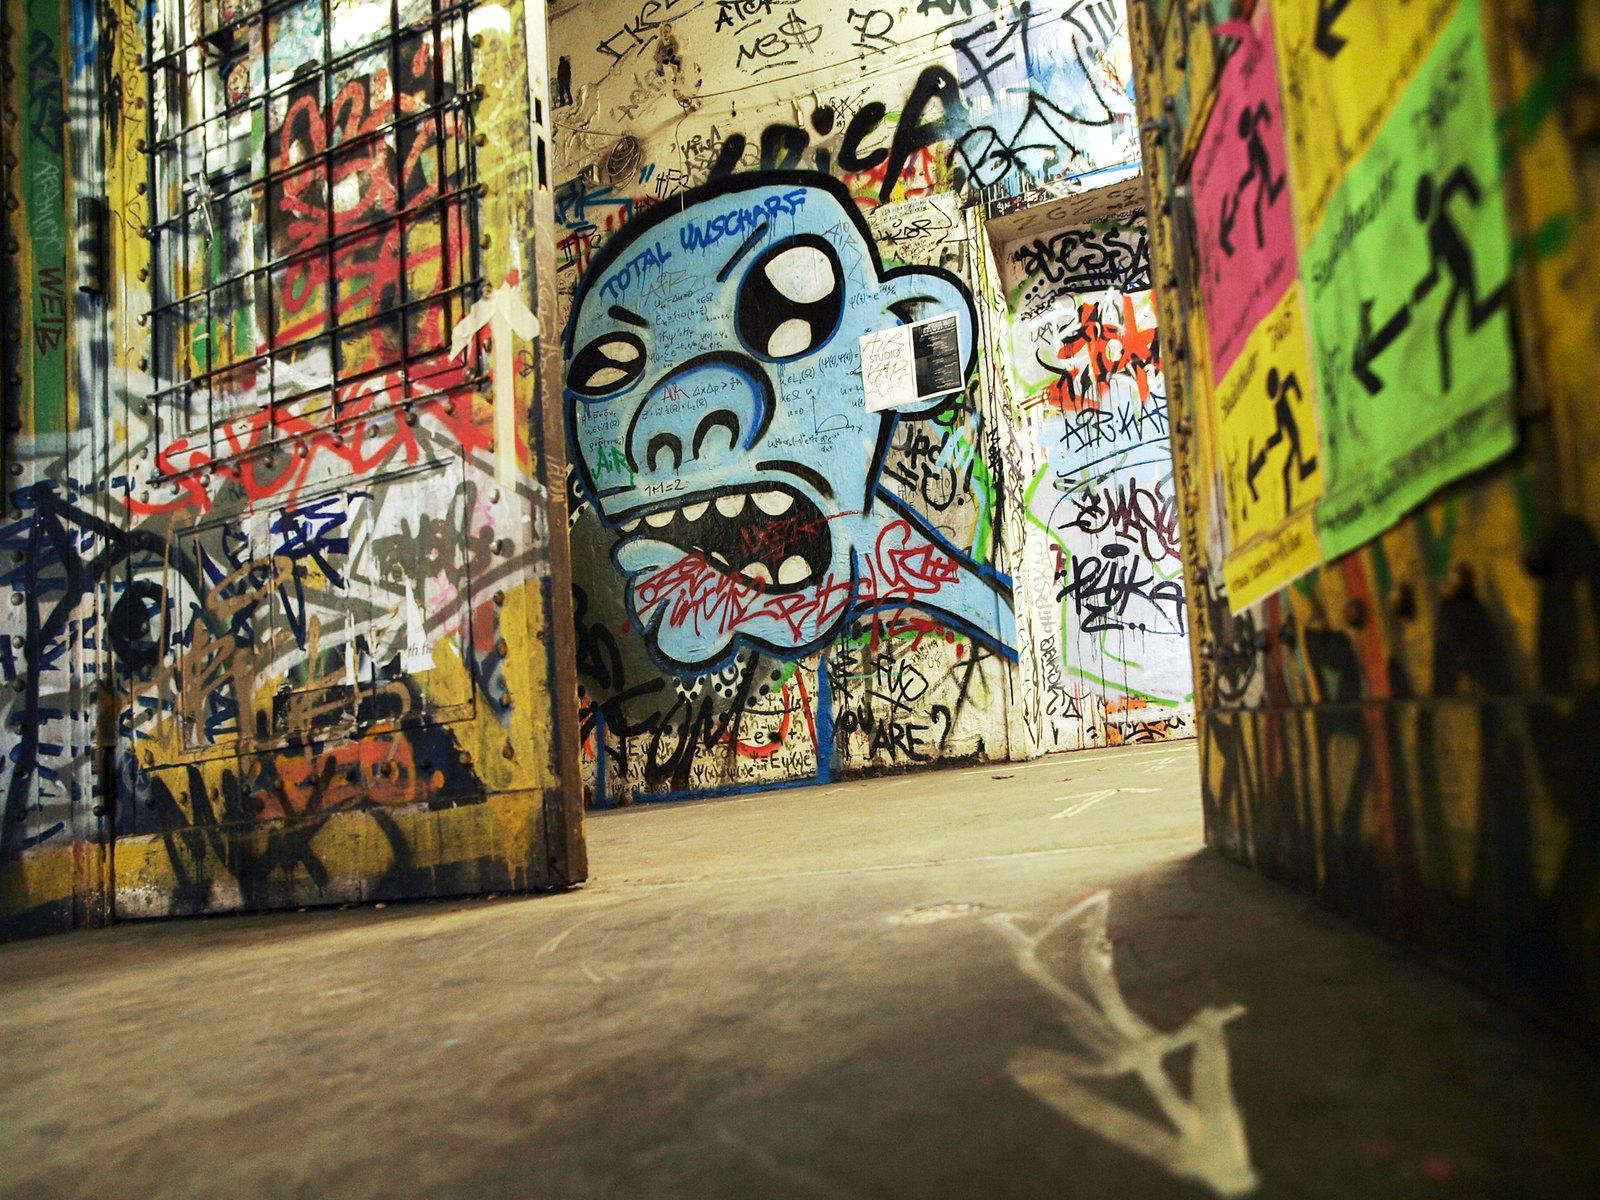 Architecture à Berlin - À l'intérieur du Tacheles